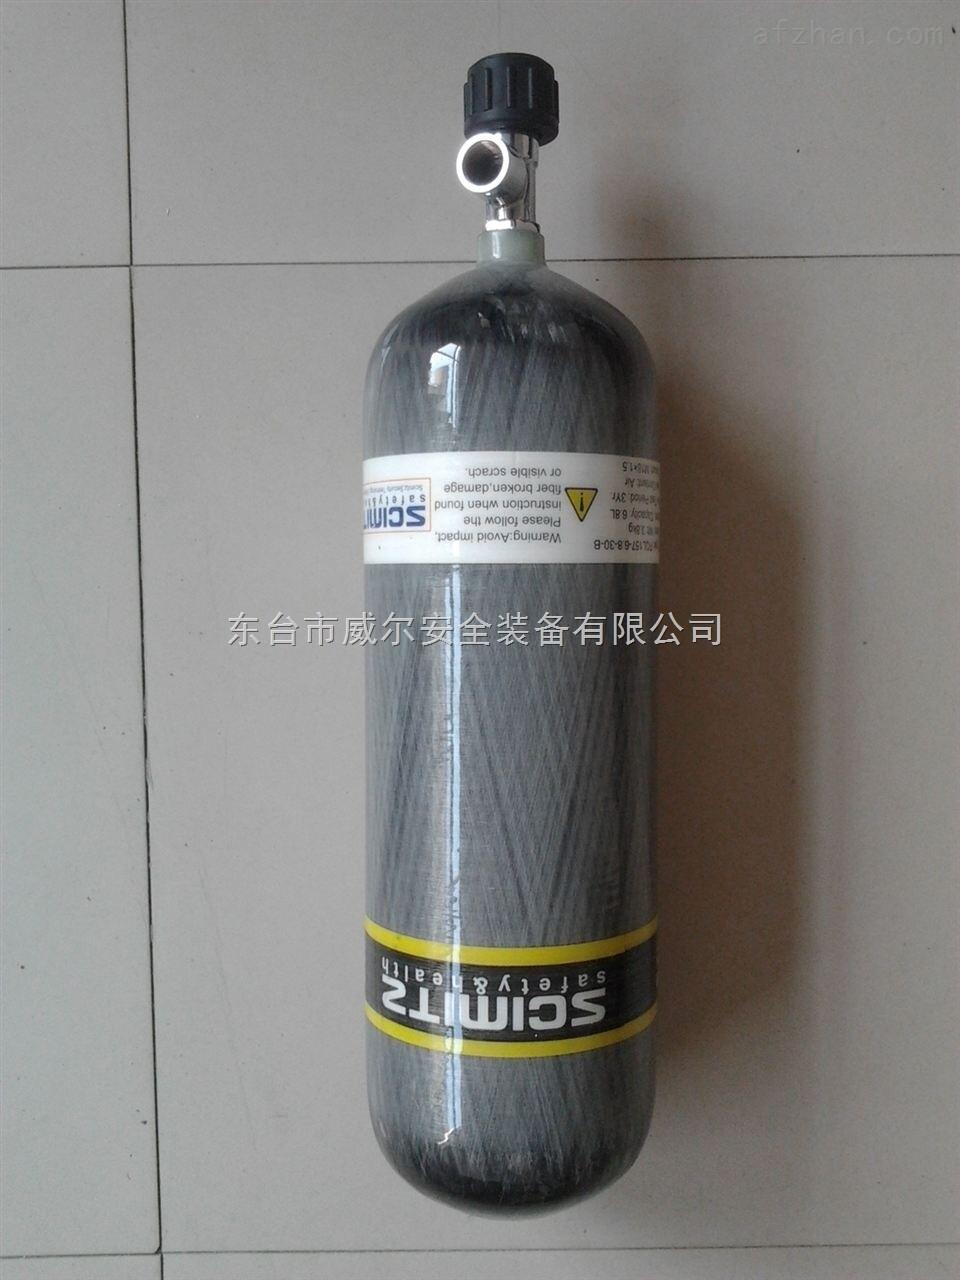 欧美�9�+�l-9l+:)�h�_8l,9l碳纤维复合气瓶 空气呼吸器气瓶